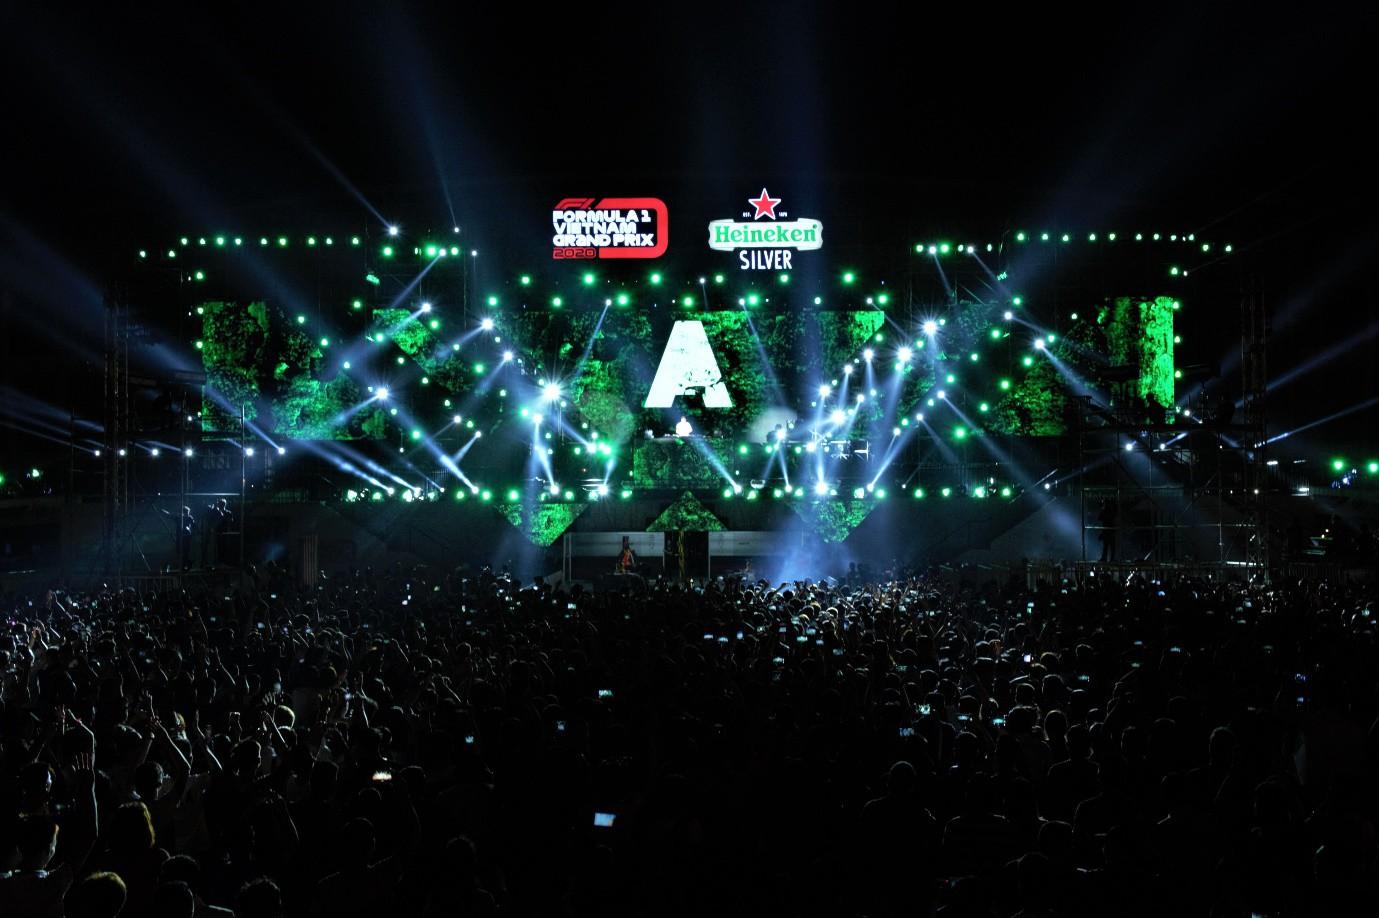 Fan Việt dậy sóng với trải nghiệm giải đua F1 cùng DJ quốc tế Armin Van Buuren - Ảnh 2.